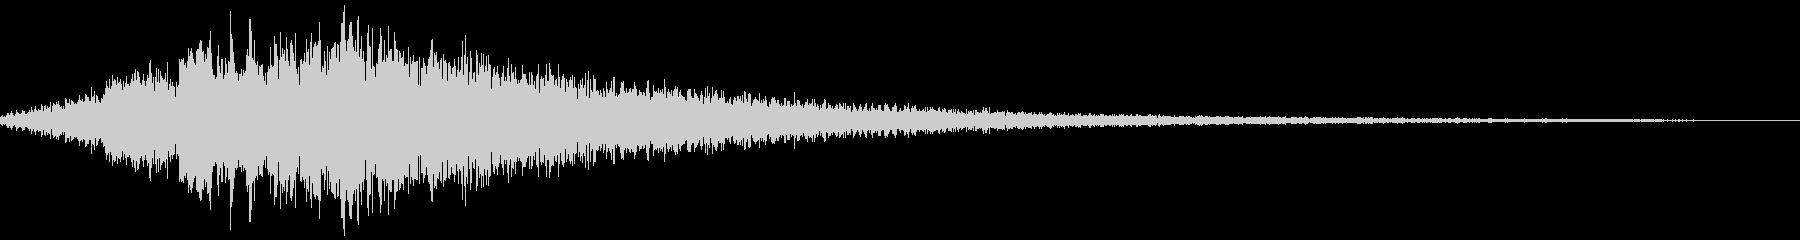 【ダークアンビエント】 ダークマターの未再生の波形